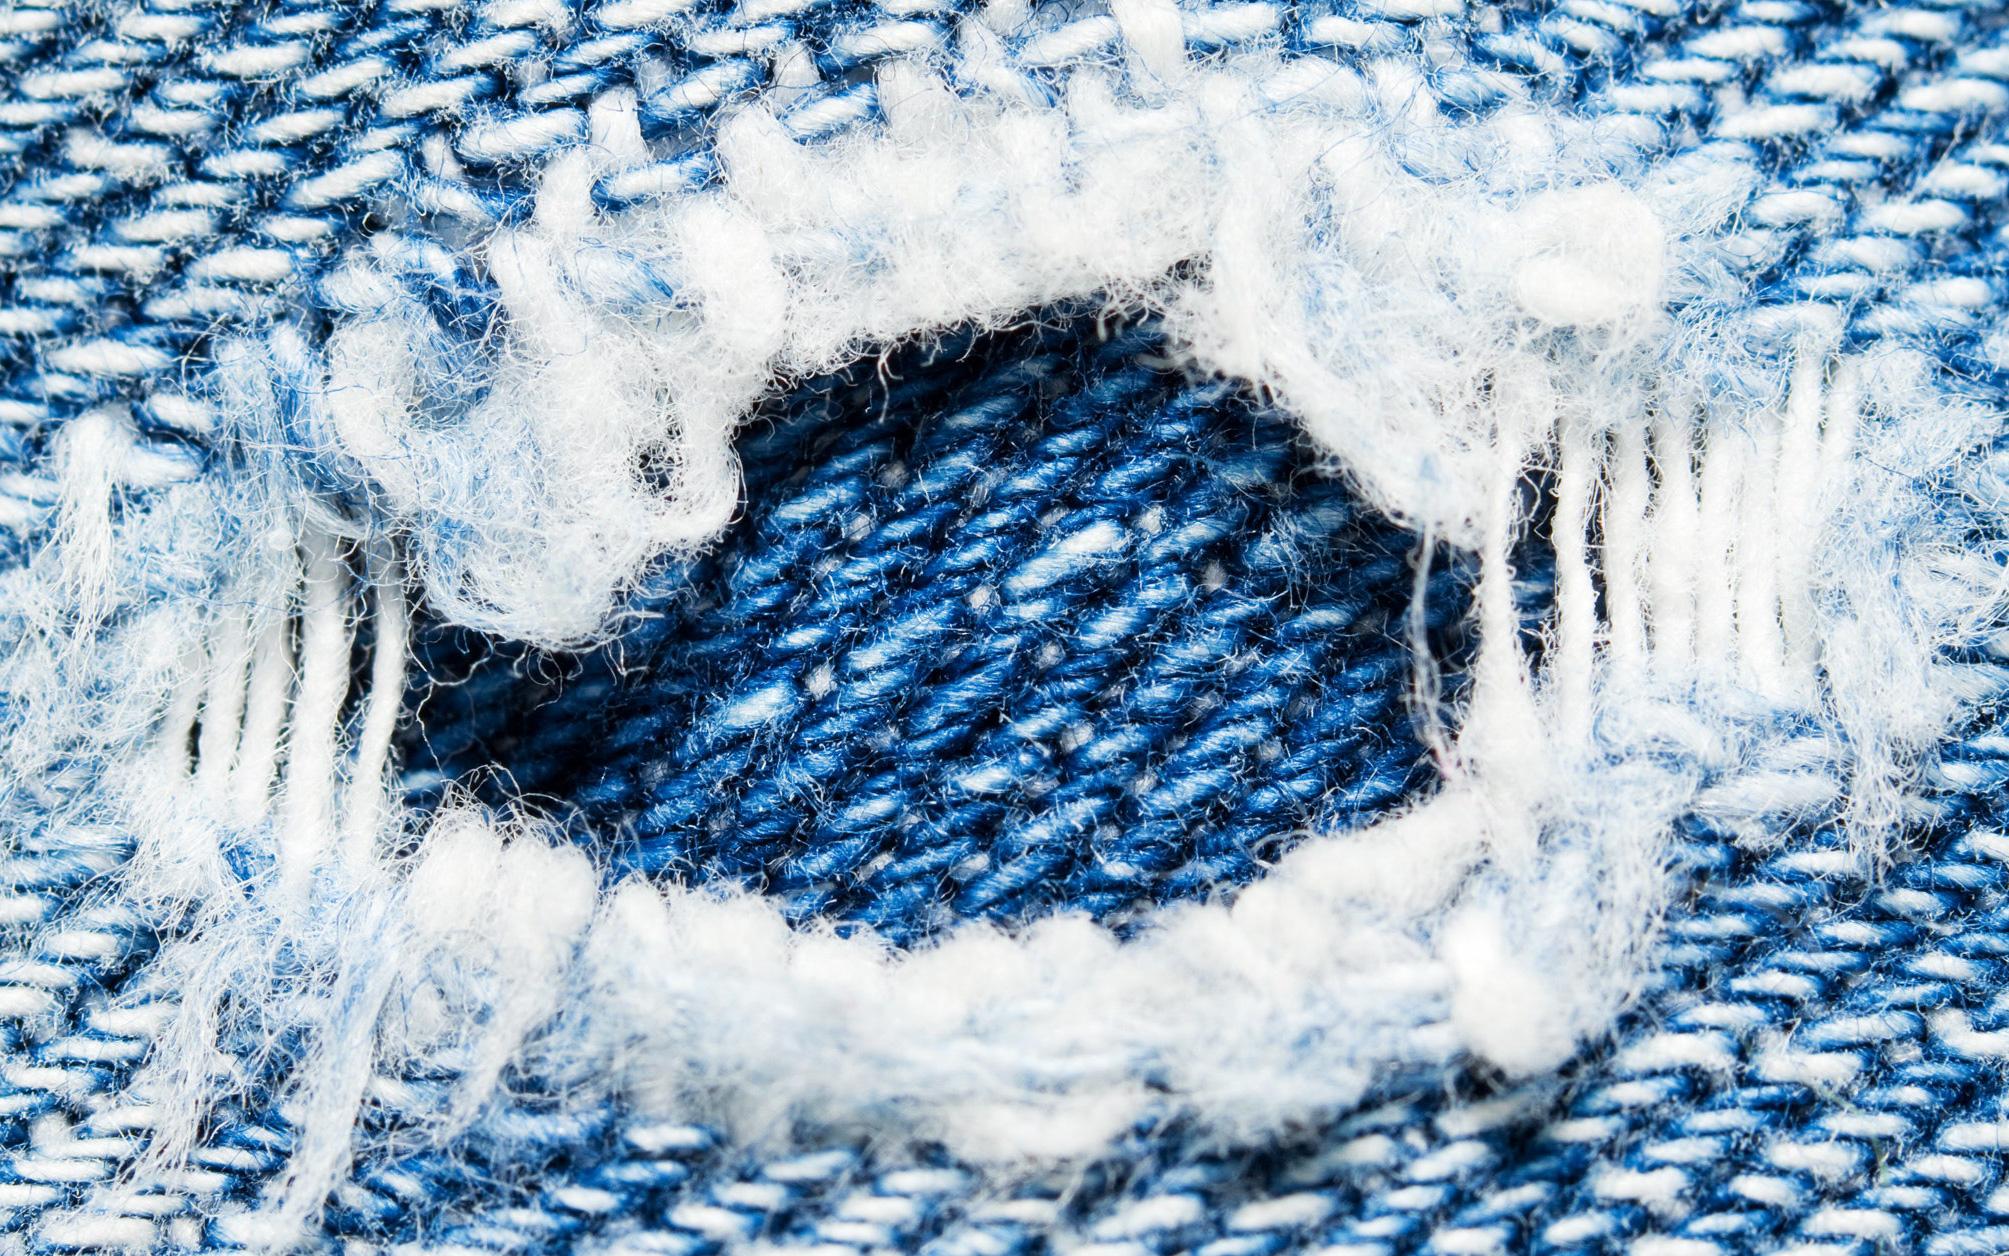 Mỗi lần giặt quần jean bạn đang thải vào môi trường 56.000 vi sợi vải, và chúng có thể trôi tới tận Bắc Cực